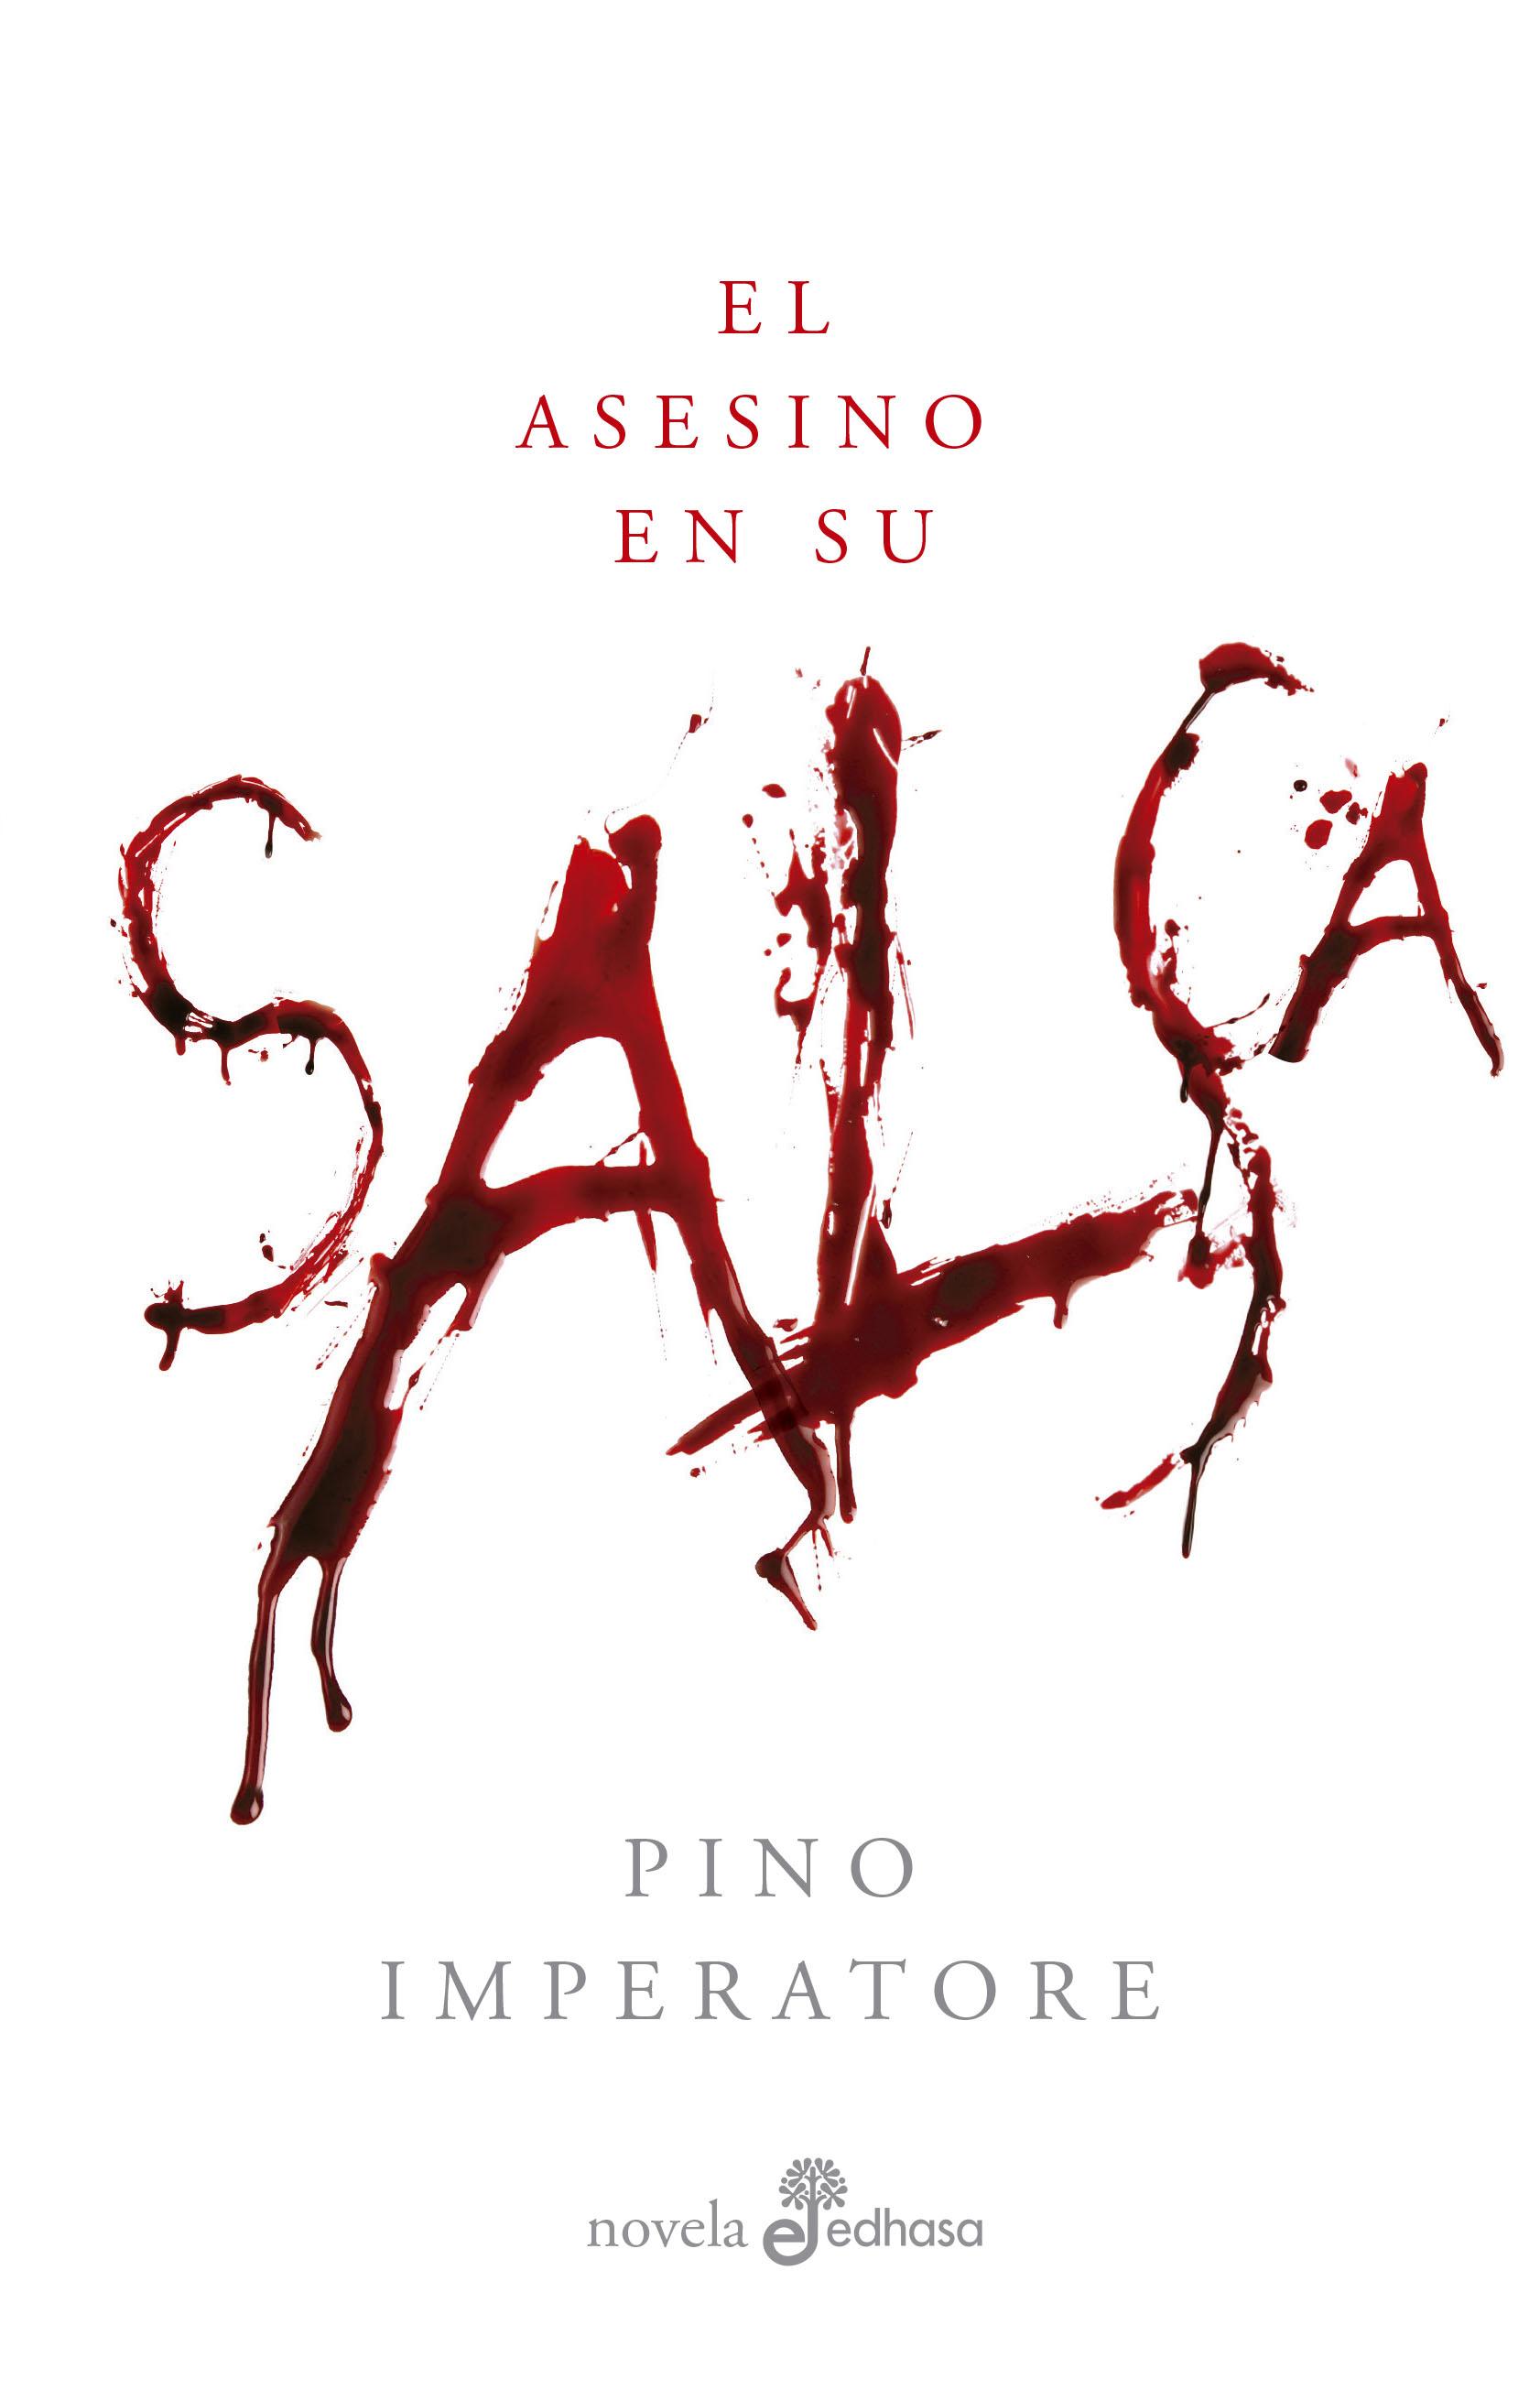 El asesino en su salsa - Imperatore Pino